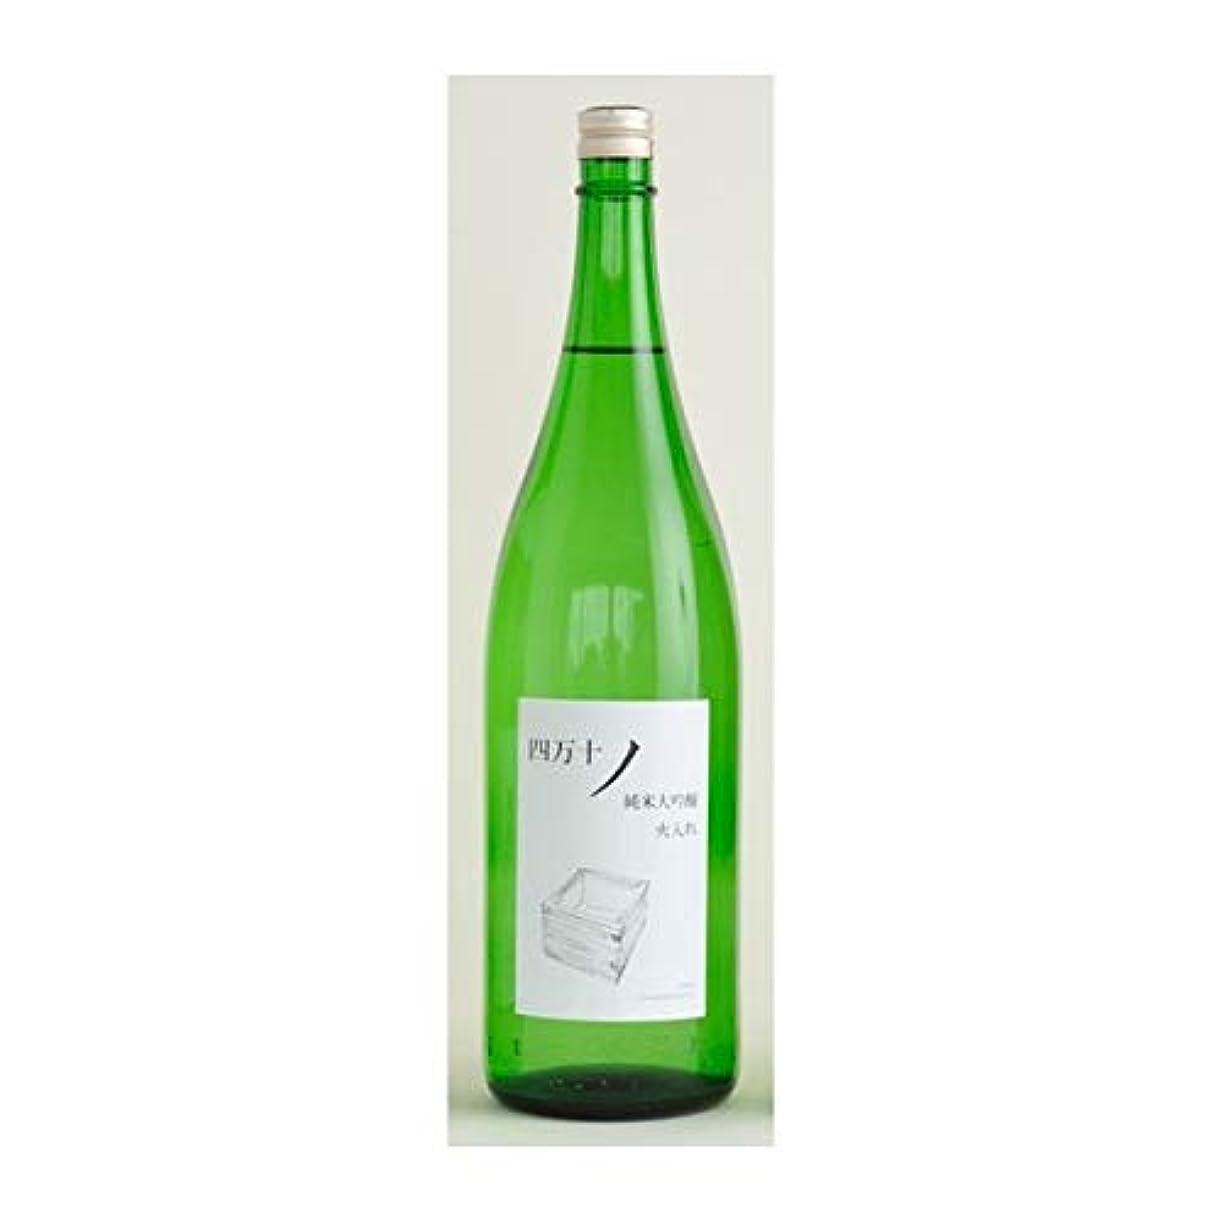 推測消費者フェリー日本酒 純米大吟醸 四万十ノ純米大吟醸 火入れ 原酒 720ml 文本酒造 高知